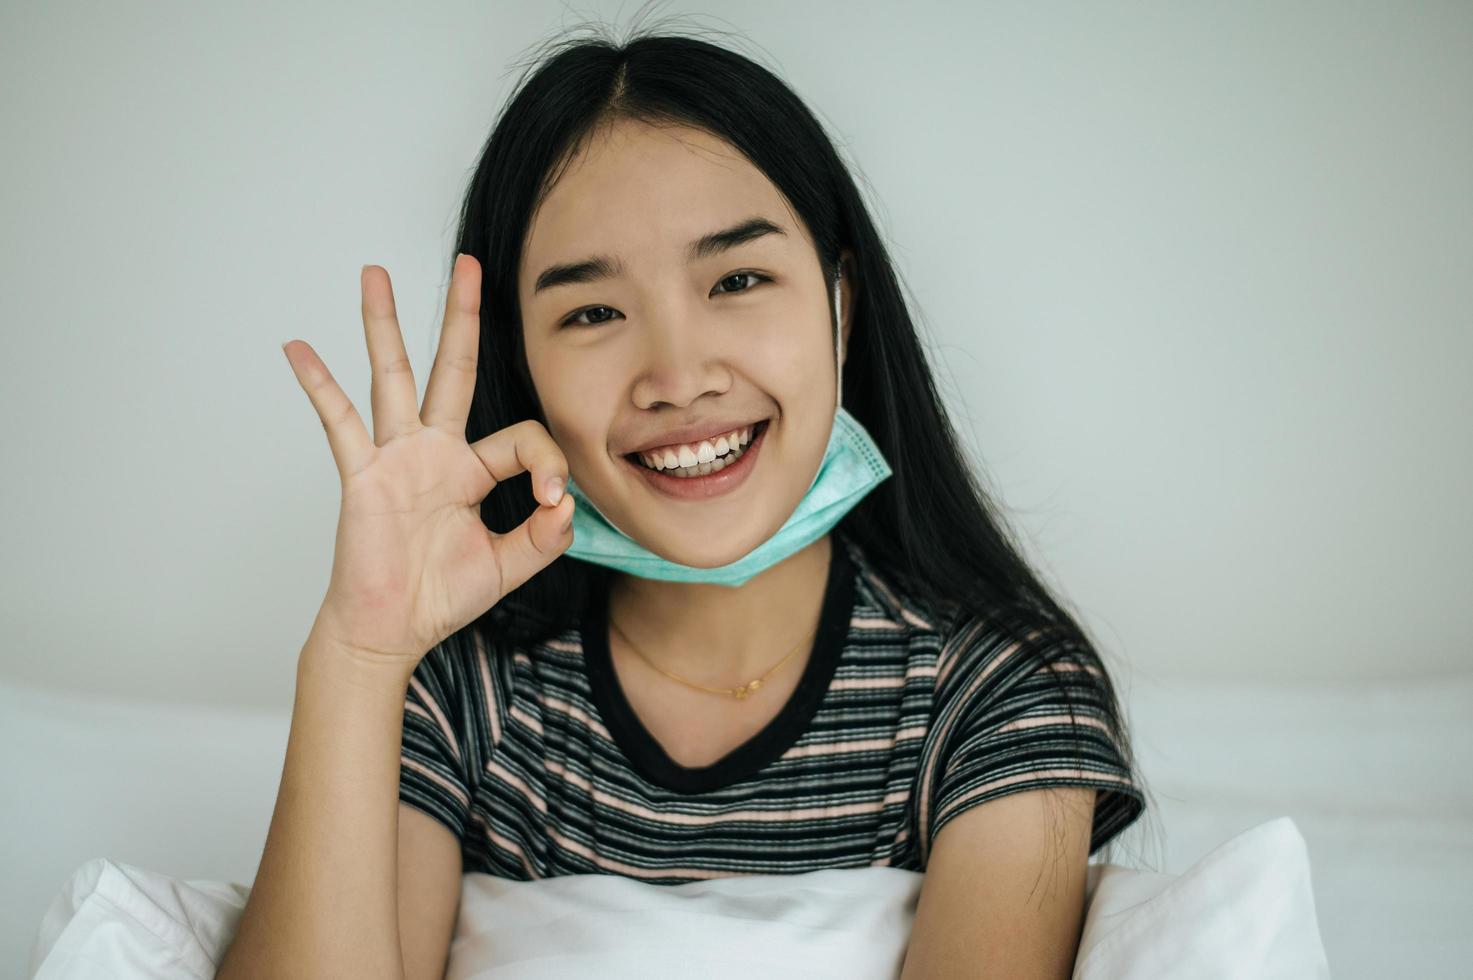 garota usando máscara higiênica, camisa listrada e símbolo de mão ok foto